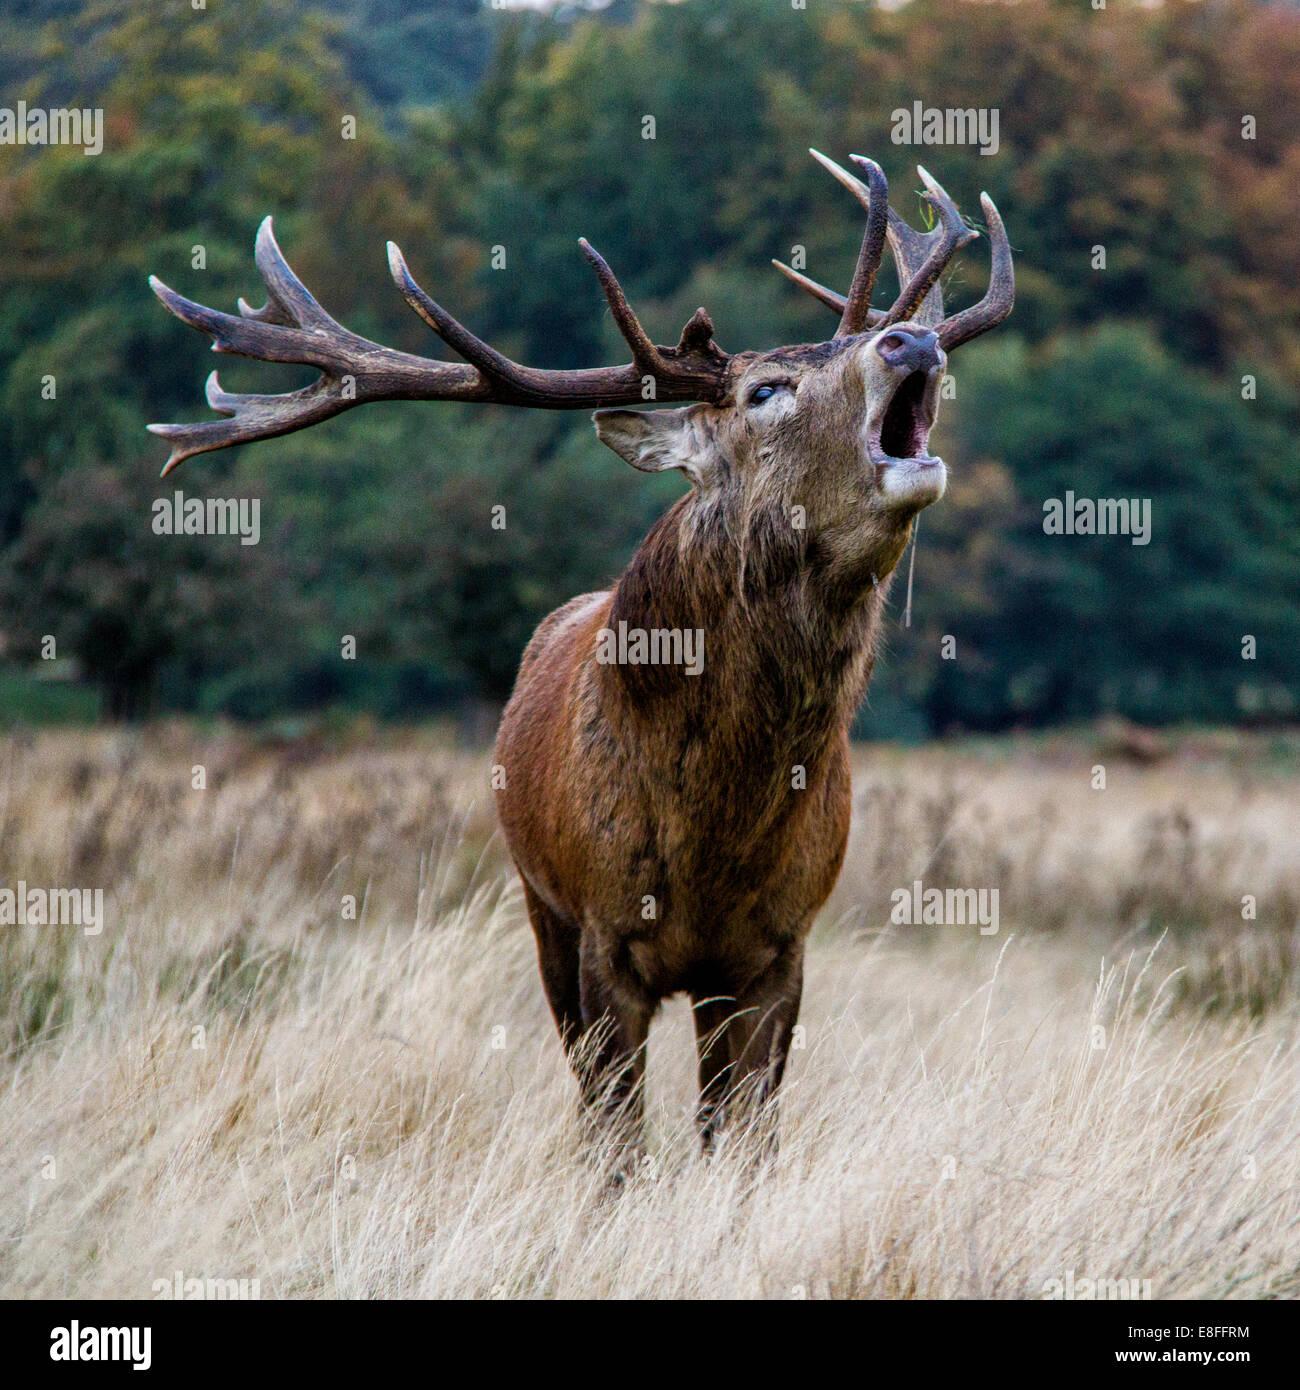 Stag bleating, gran parque de Windsor, Berkshire, Inglaterra, Reino Unido. Imagen De Stock